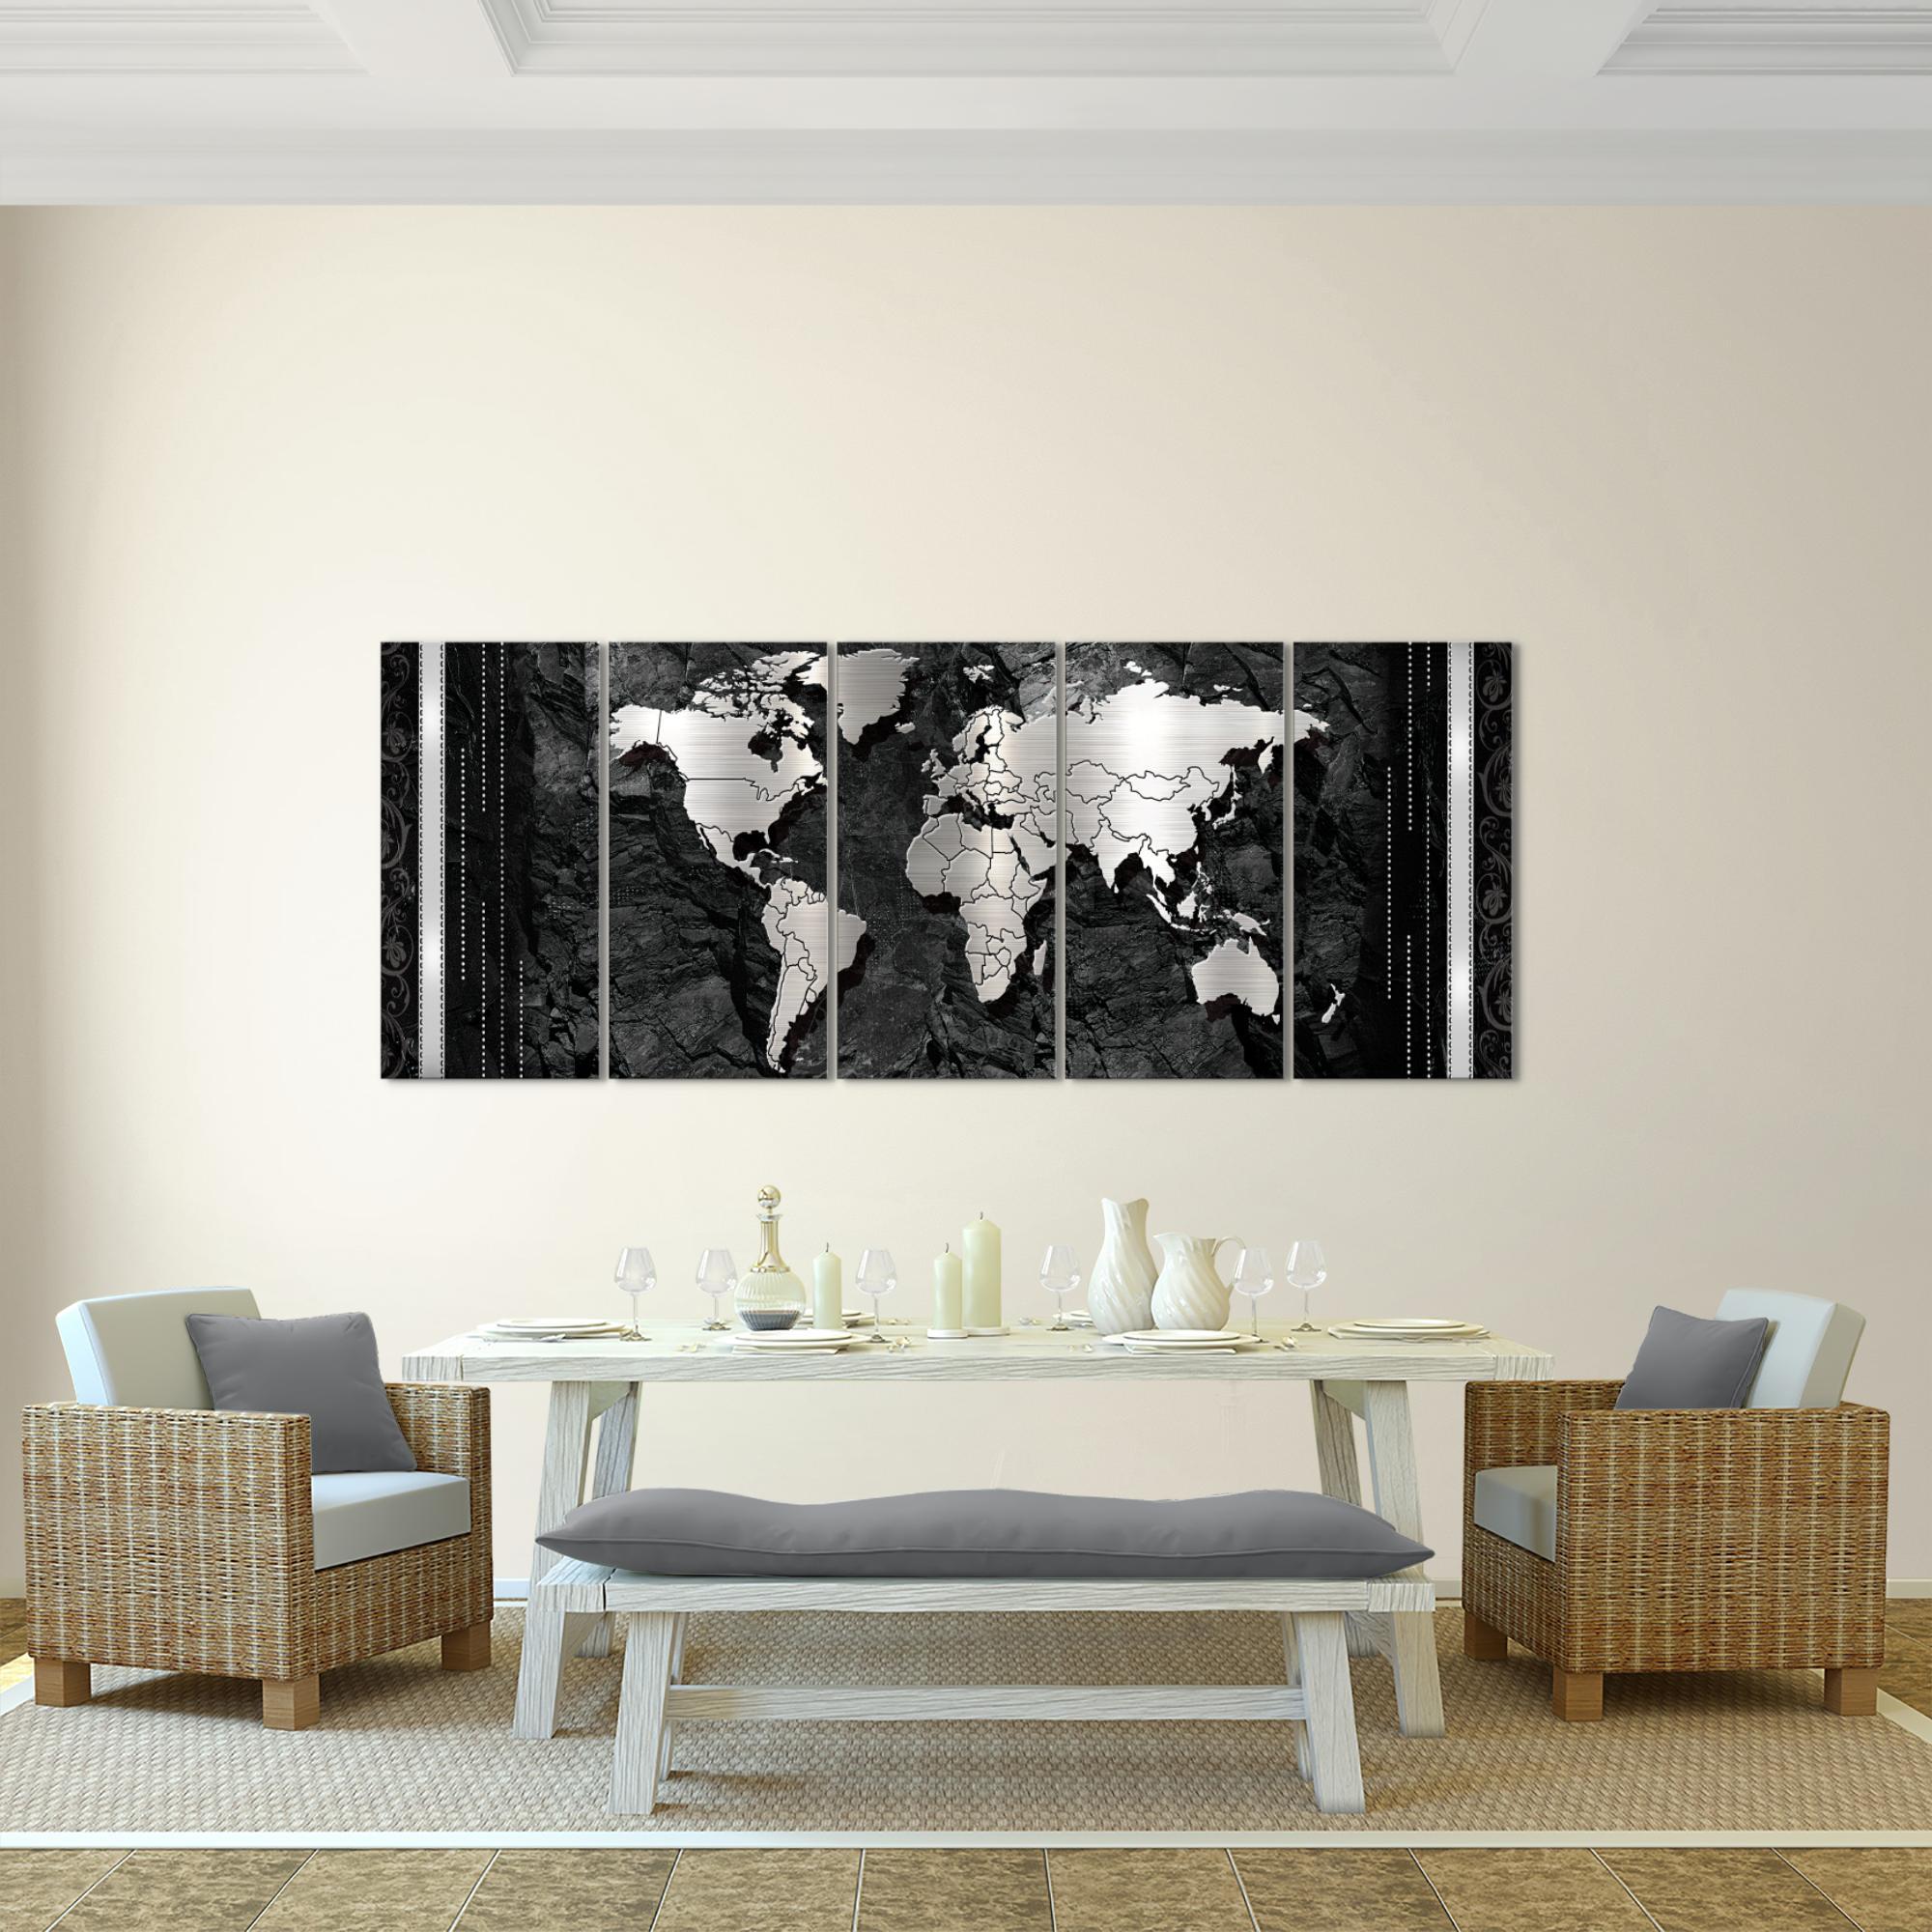 Weltkarte World Map BILD KUNSTDRUCK   AUF VLIES LEINWAND   XXL DEKORATION  Schwarz 107355P Bild 3